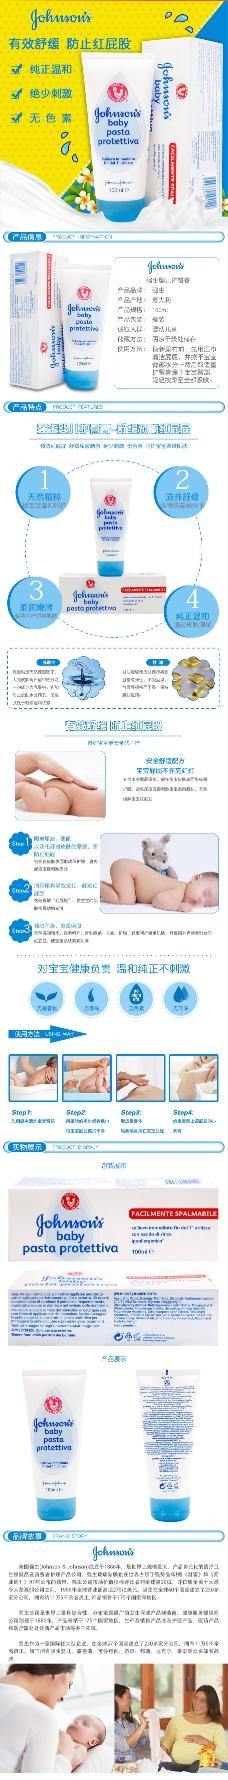 强生婴儿护臀膏详情页psd格式下载